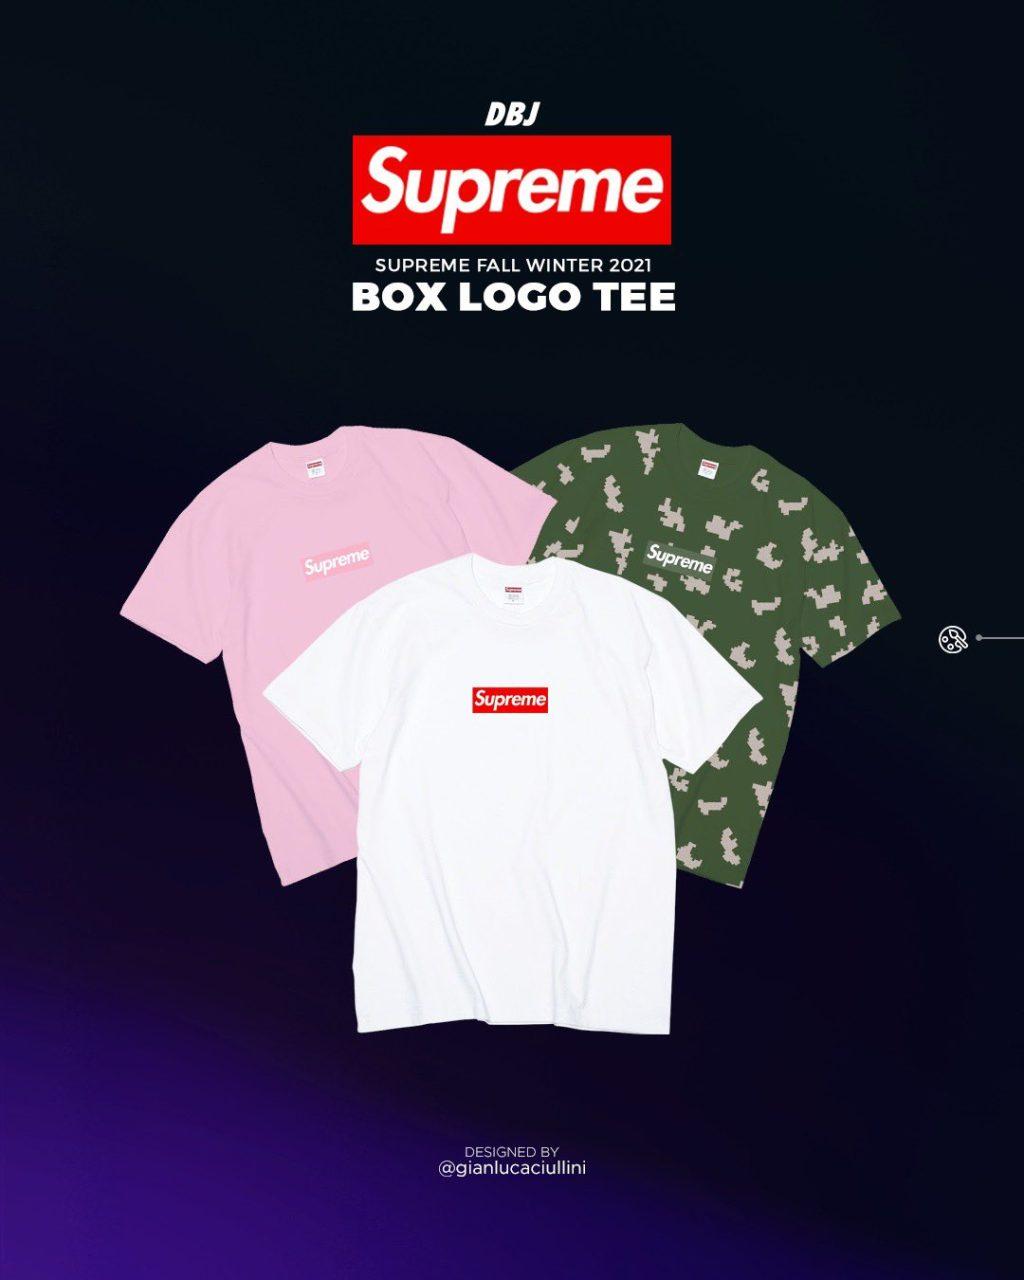 supreme-21aw-21fw-box-logo-tee